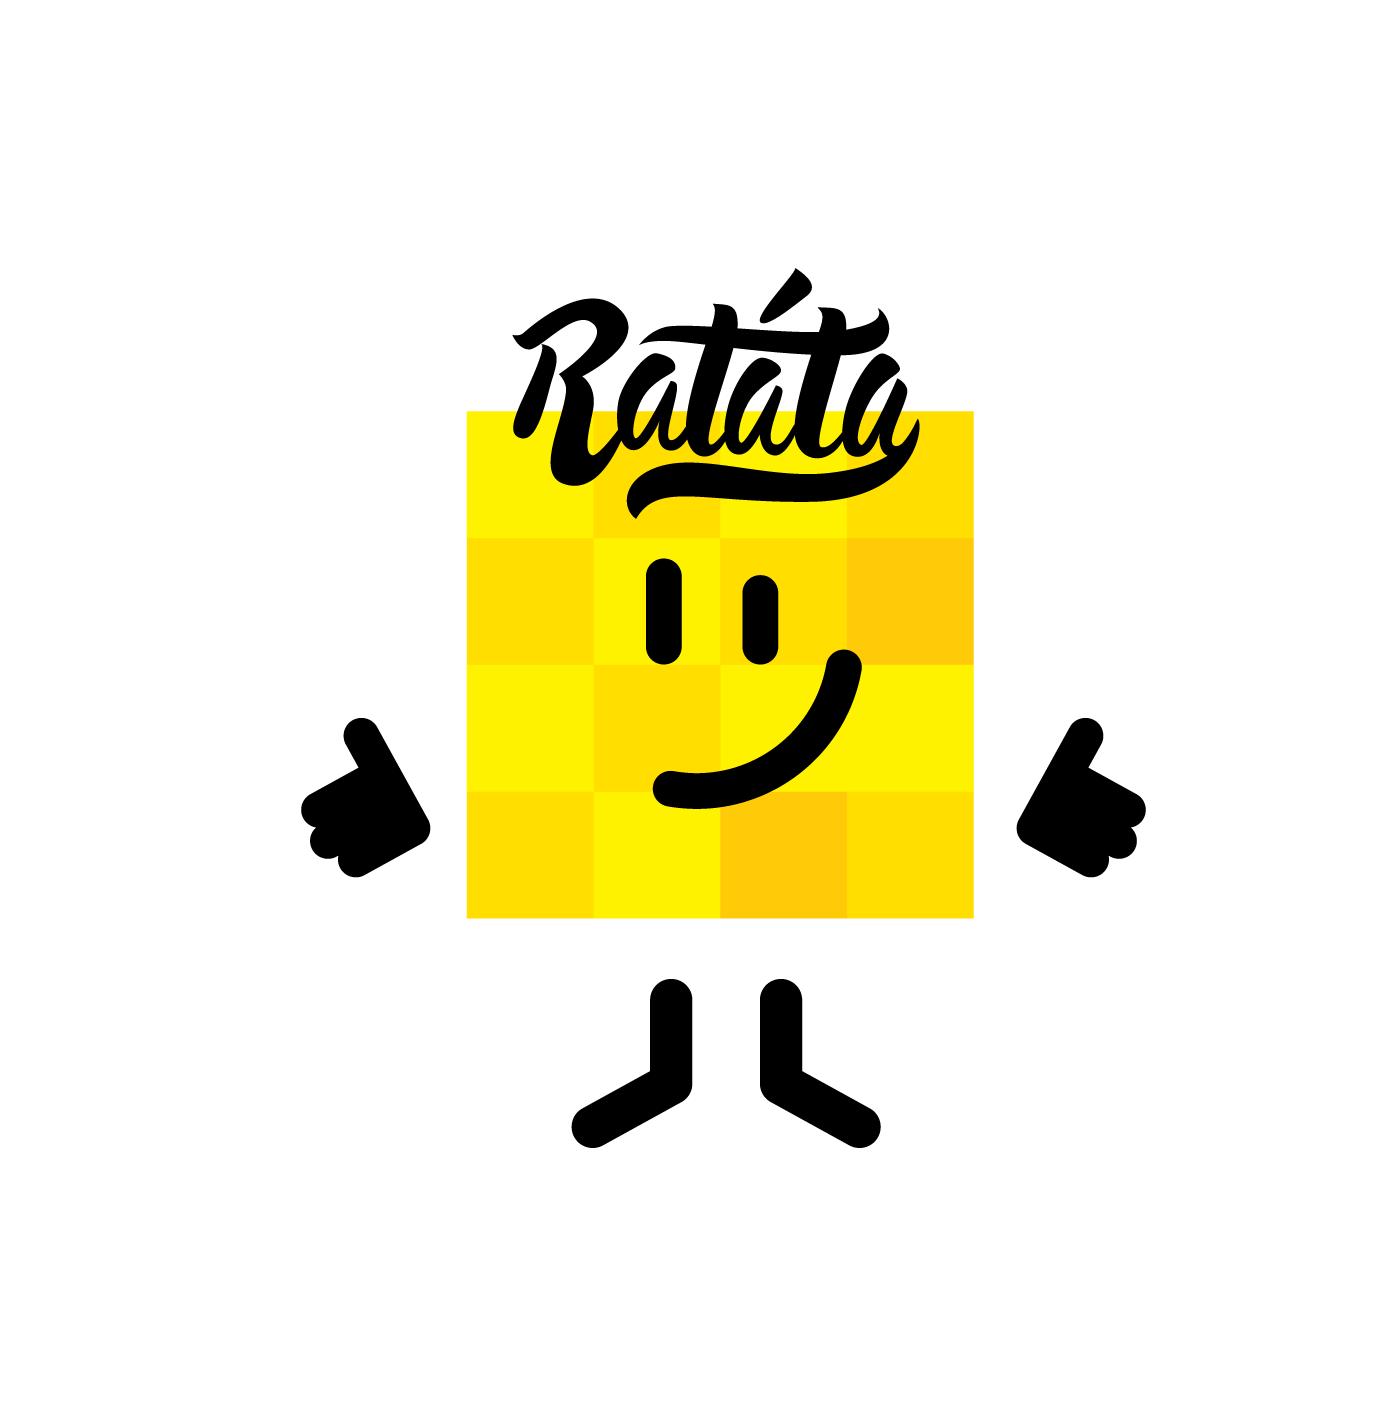 Paglikha ng isang Ratata tatak character